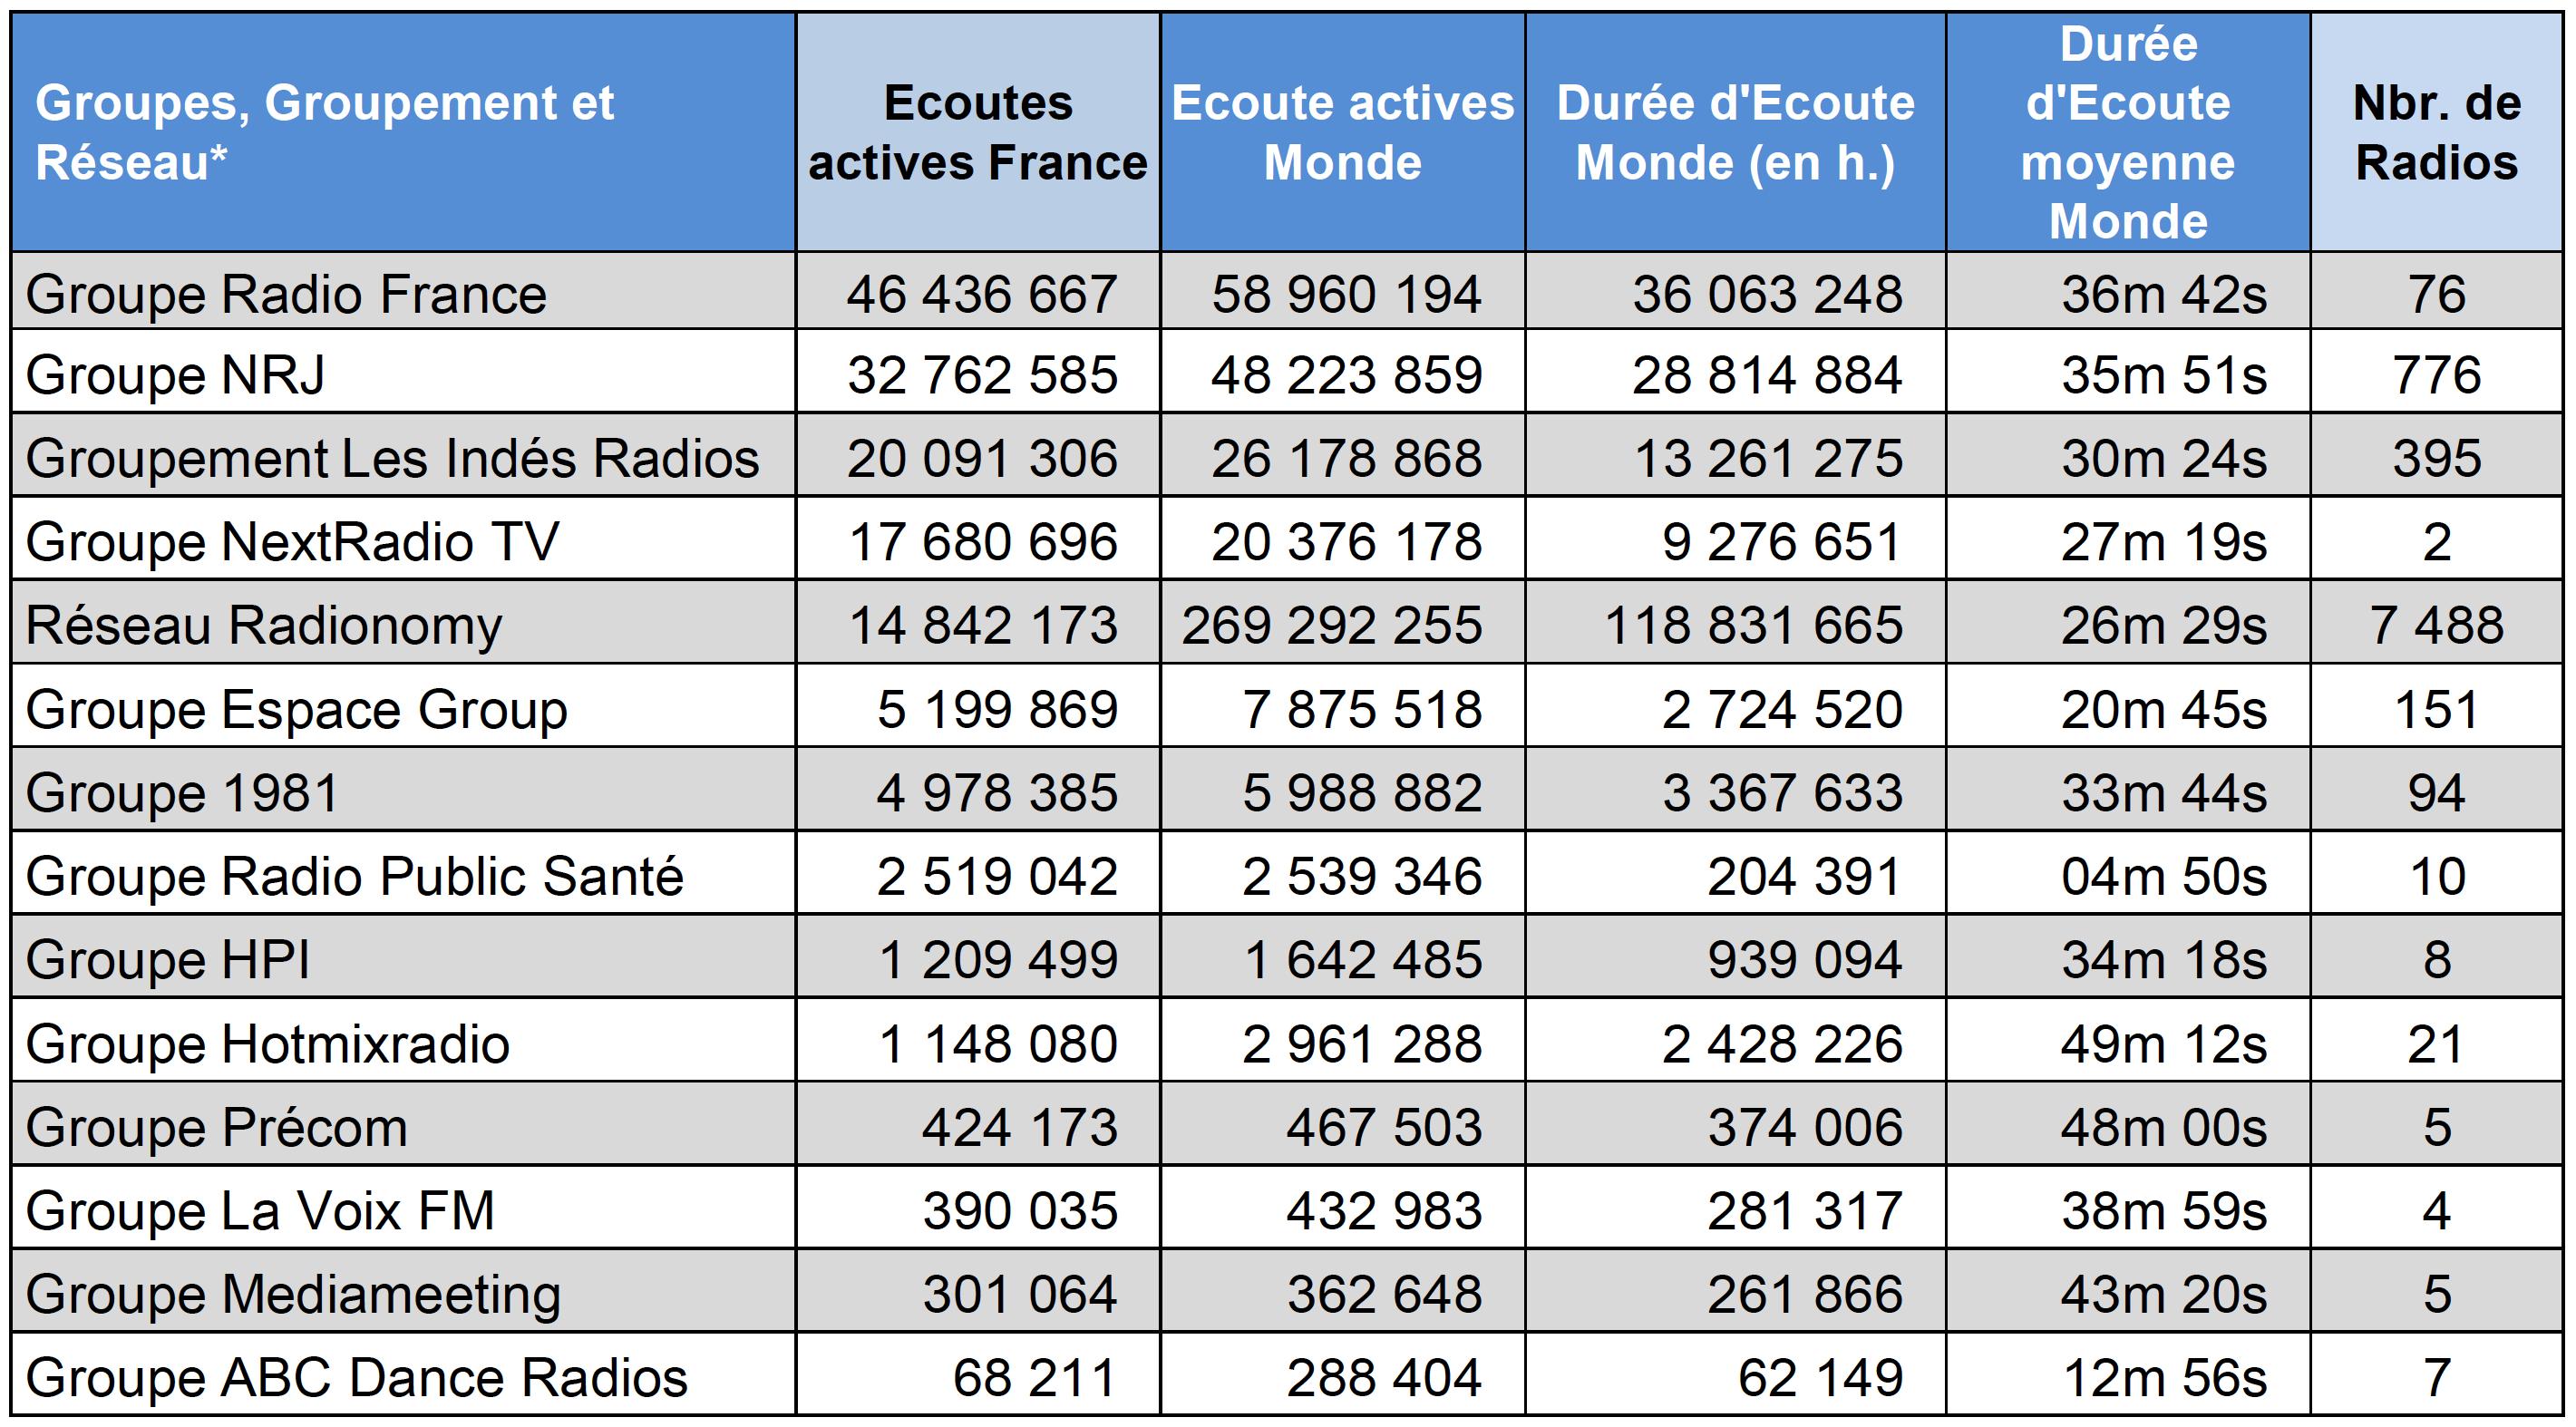 ACPM : l'audience numérique des radios en juin